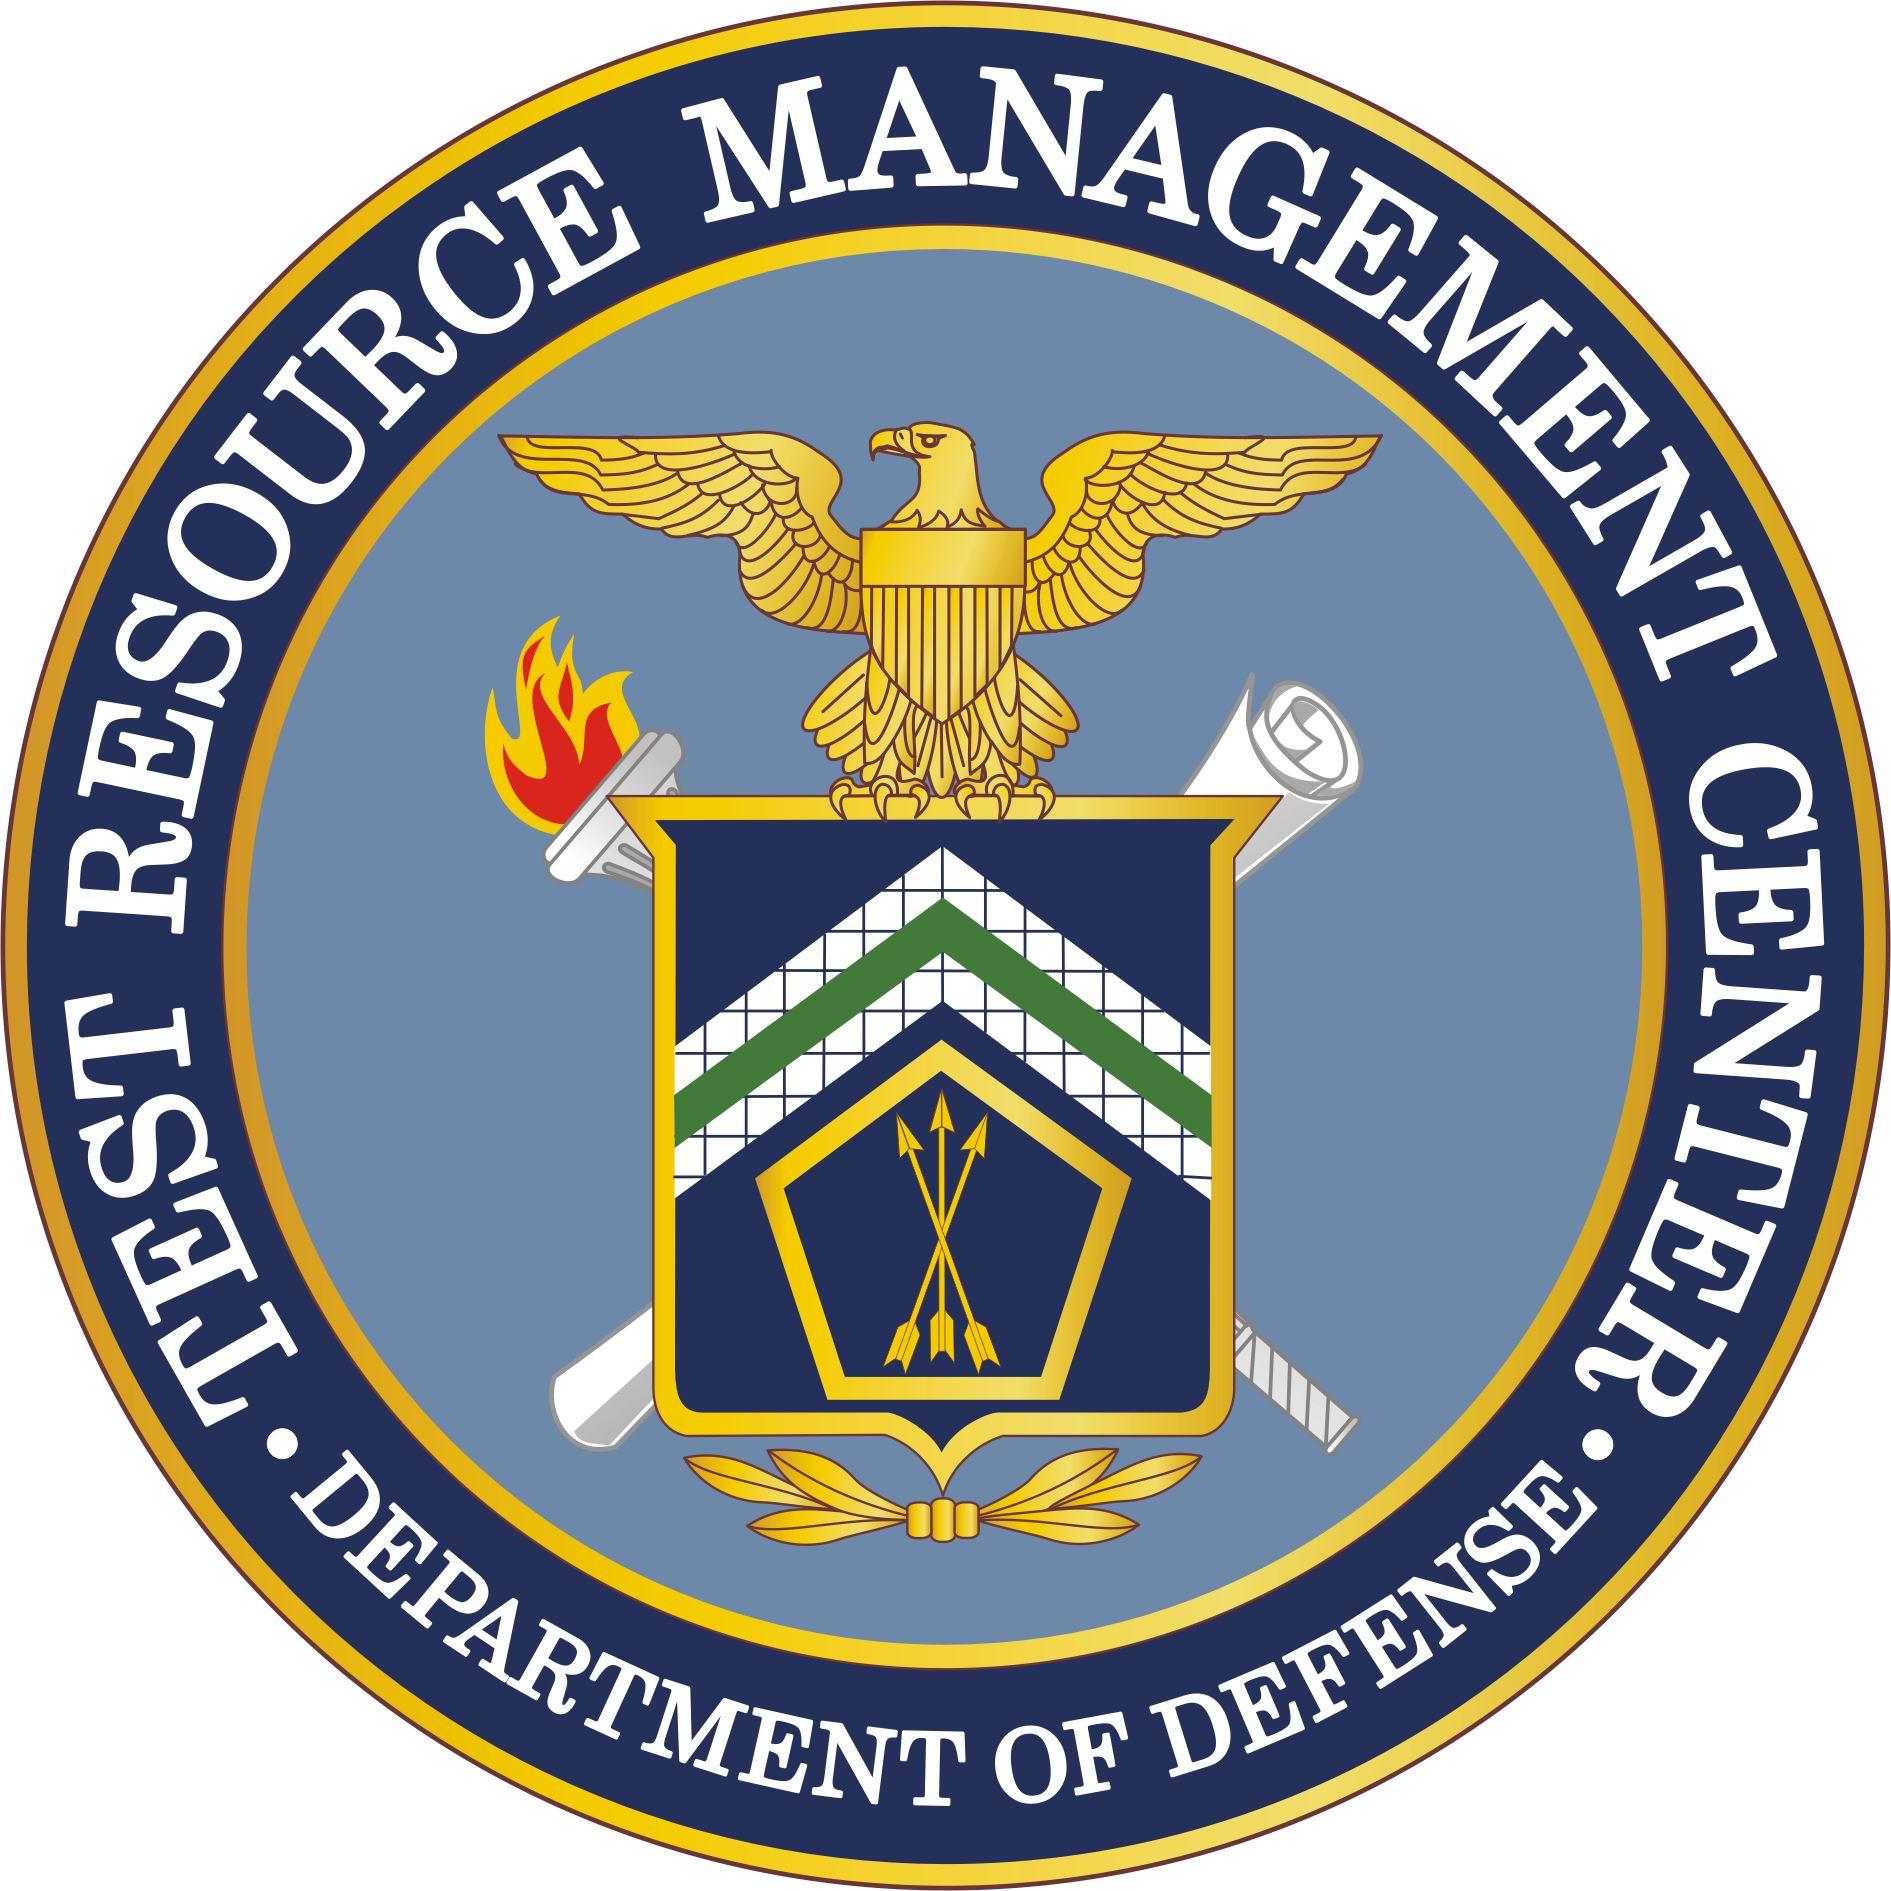 Test Resource Management Center